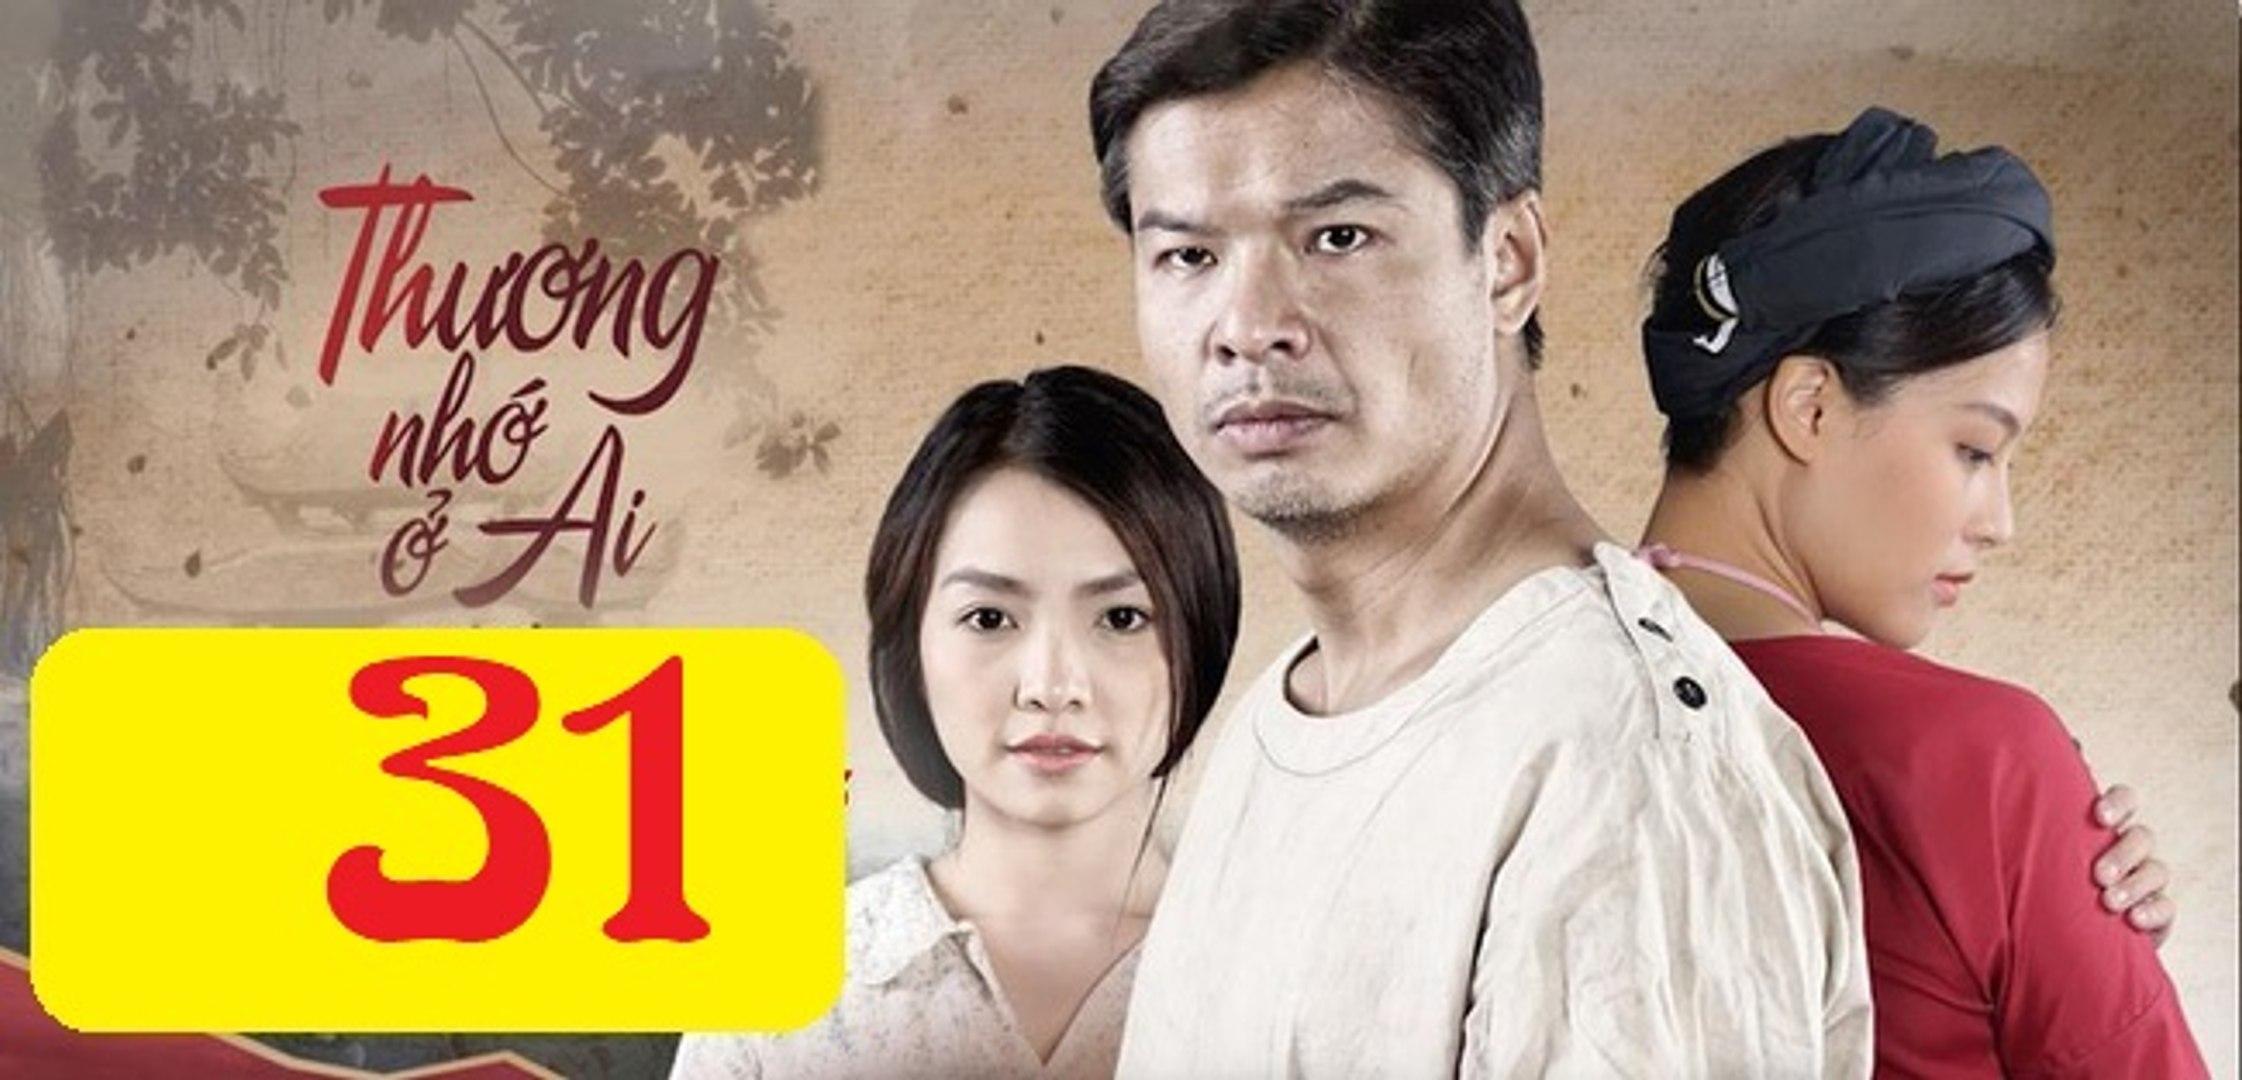 Thương Nhớ Ở Ai Tập 31 - Thuong Nho O Ai 31 preview  | Phim VTV3